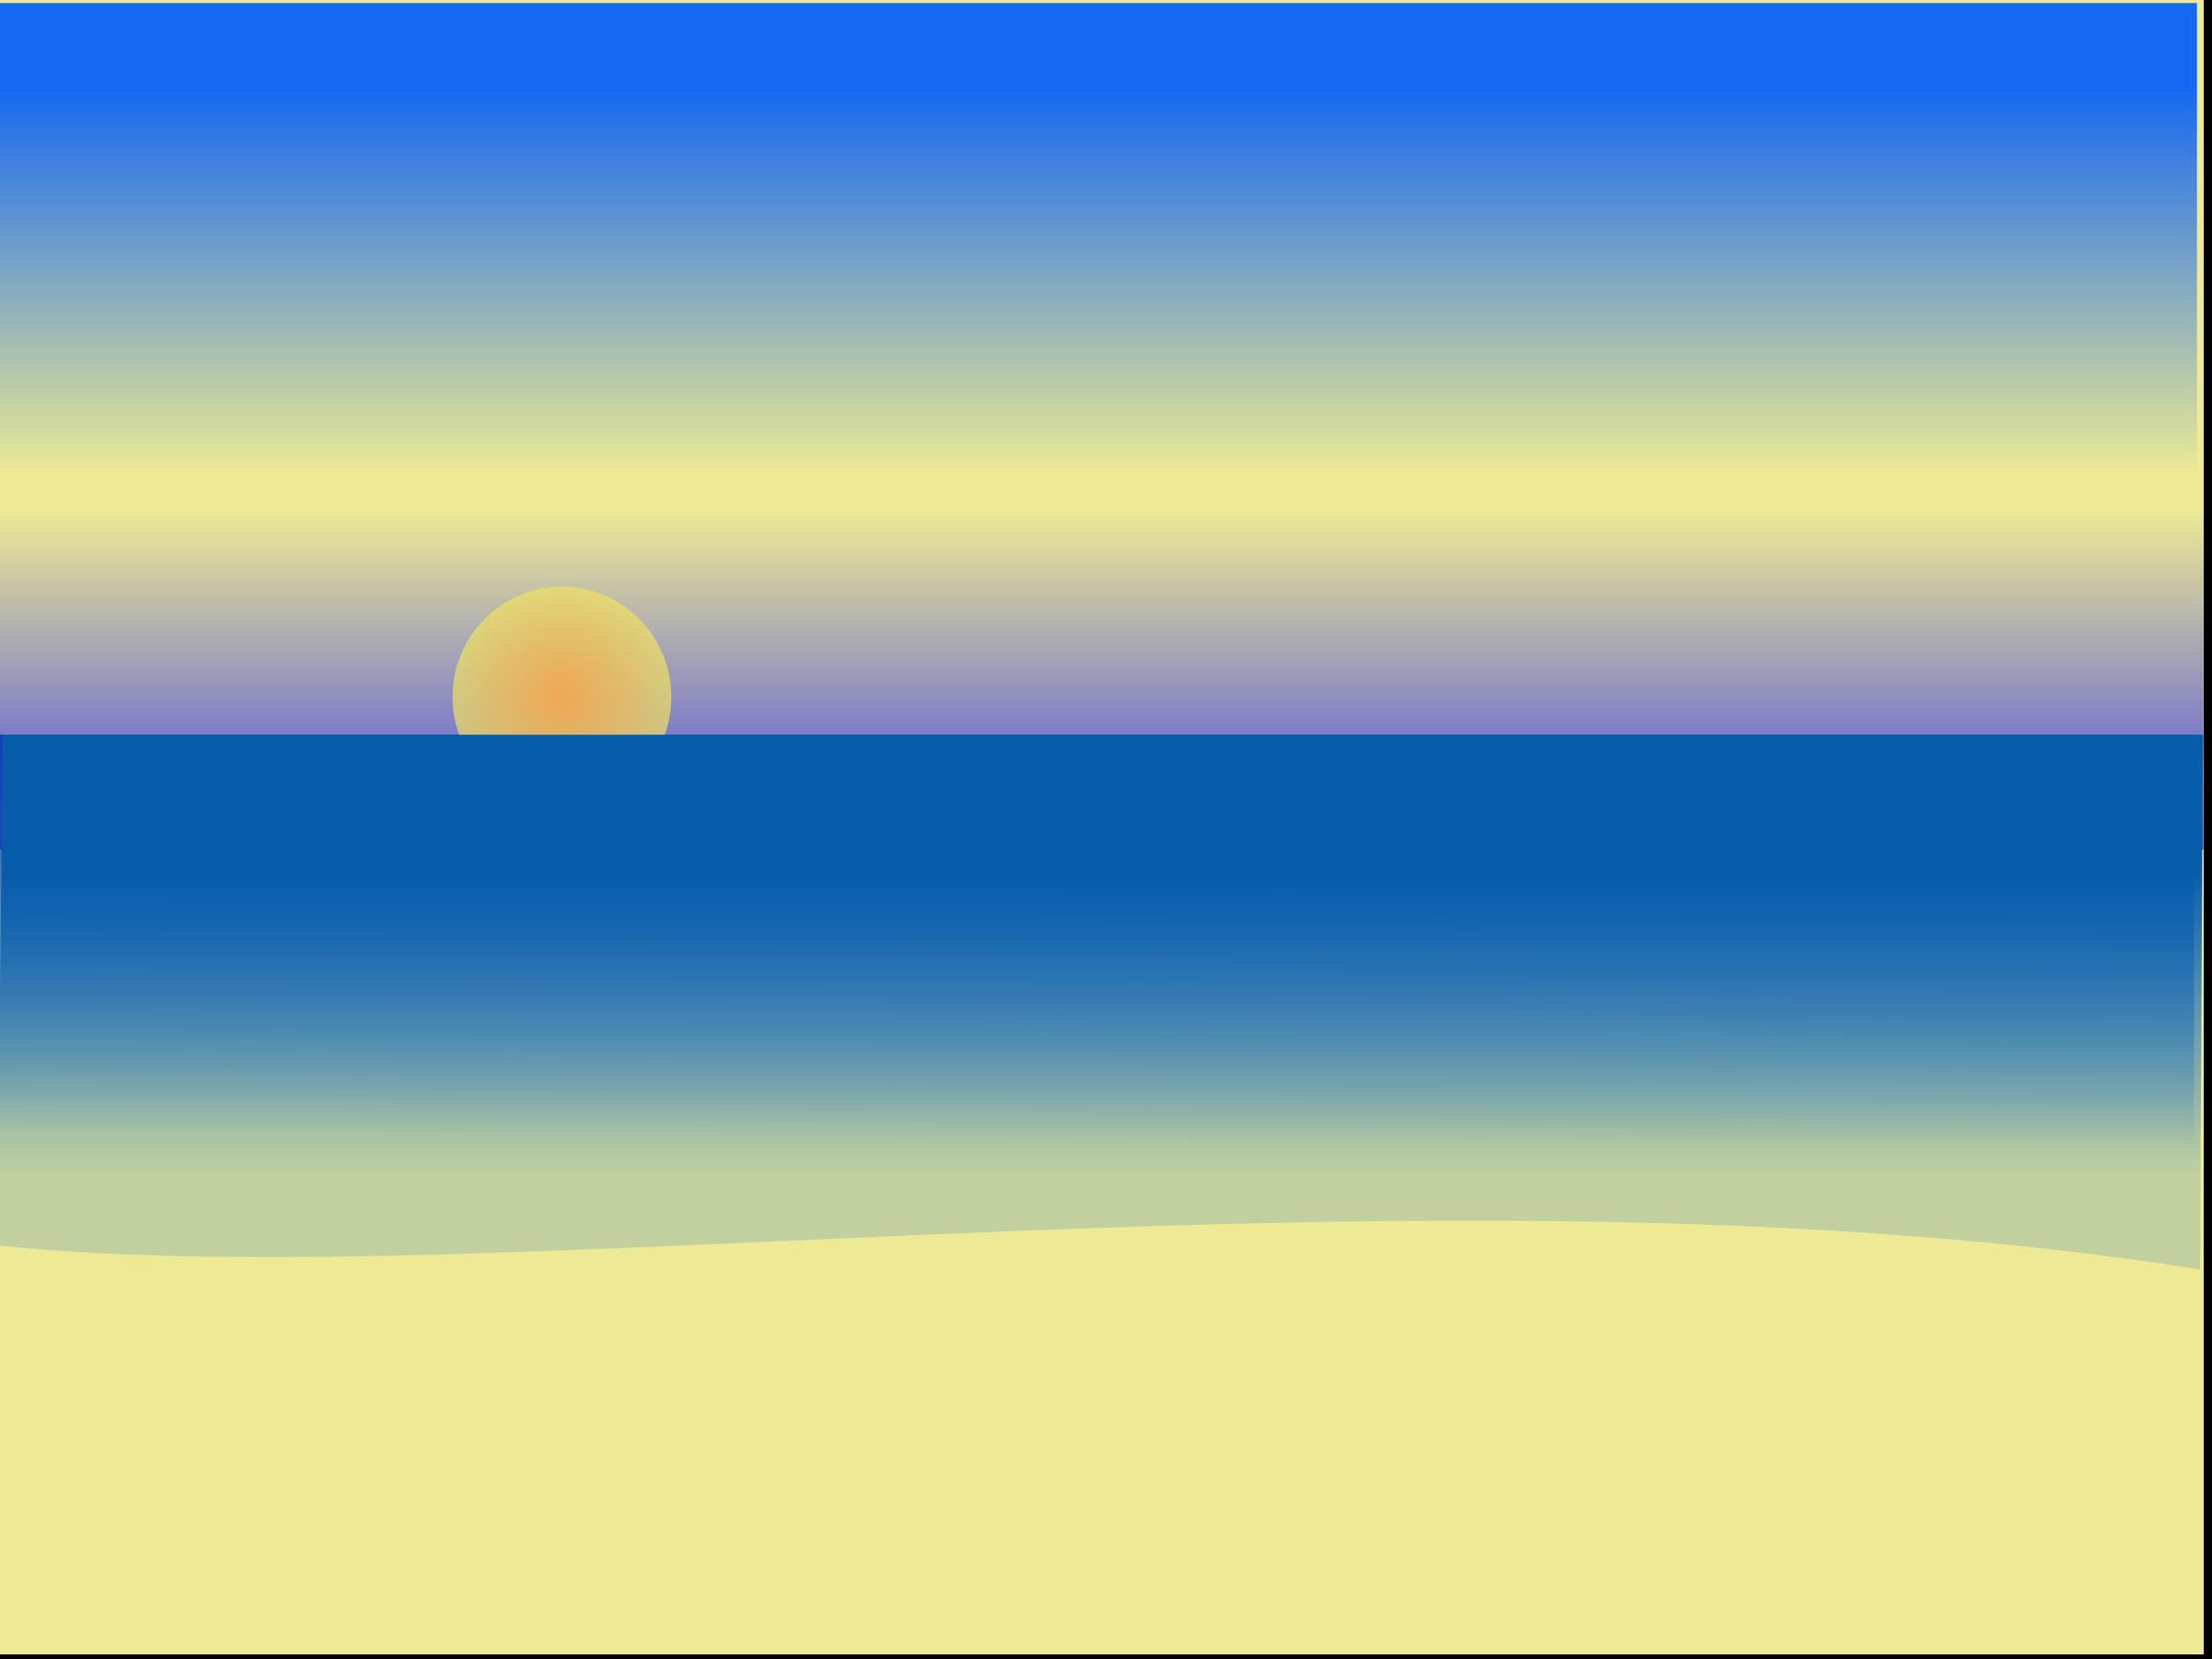 Sunrise Clipart Images